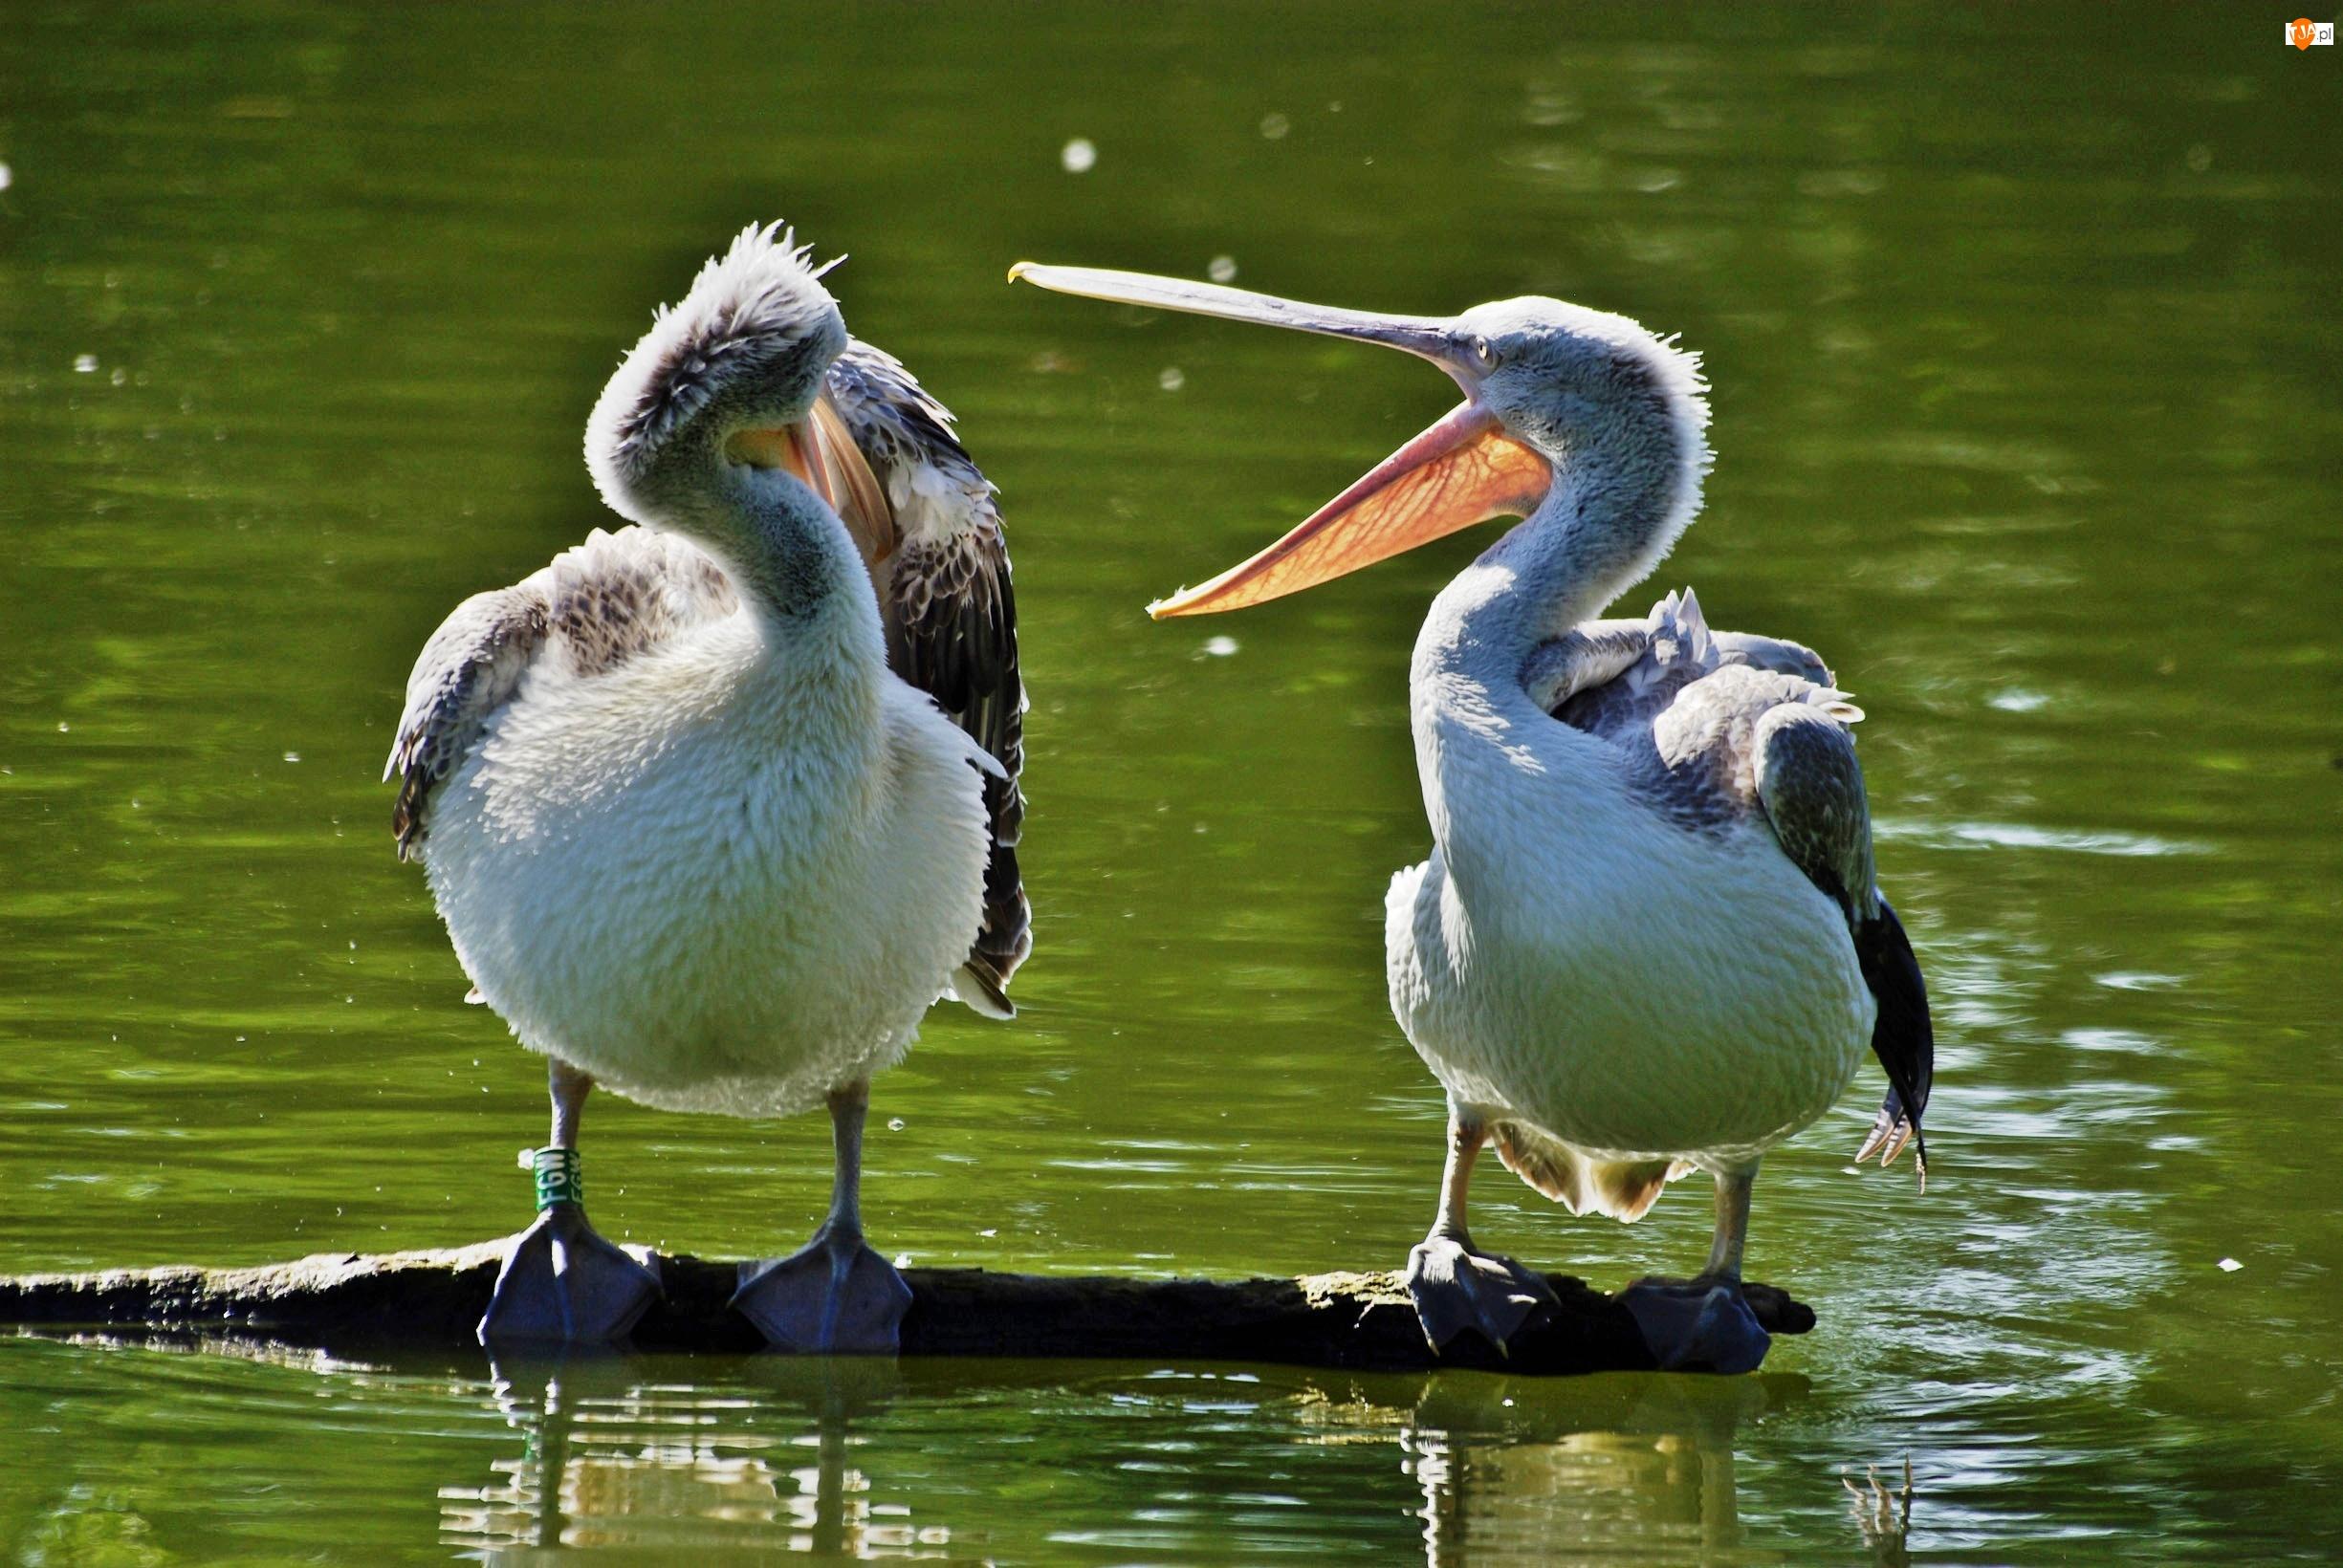 Dwa, Woda, Pelikany, Kłoda